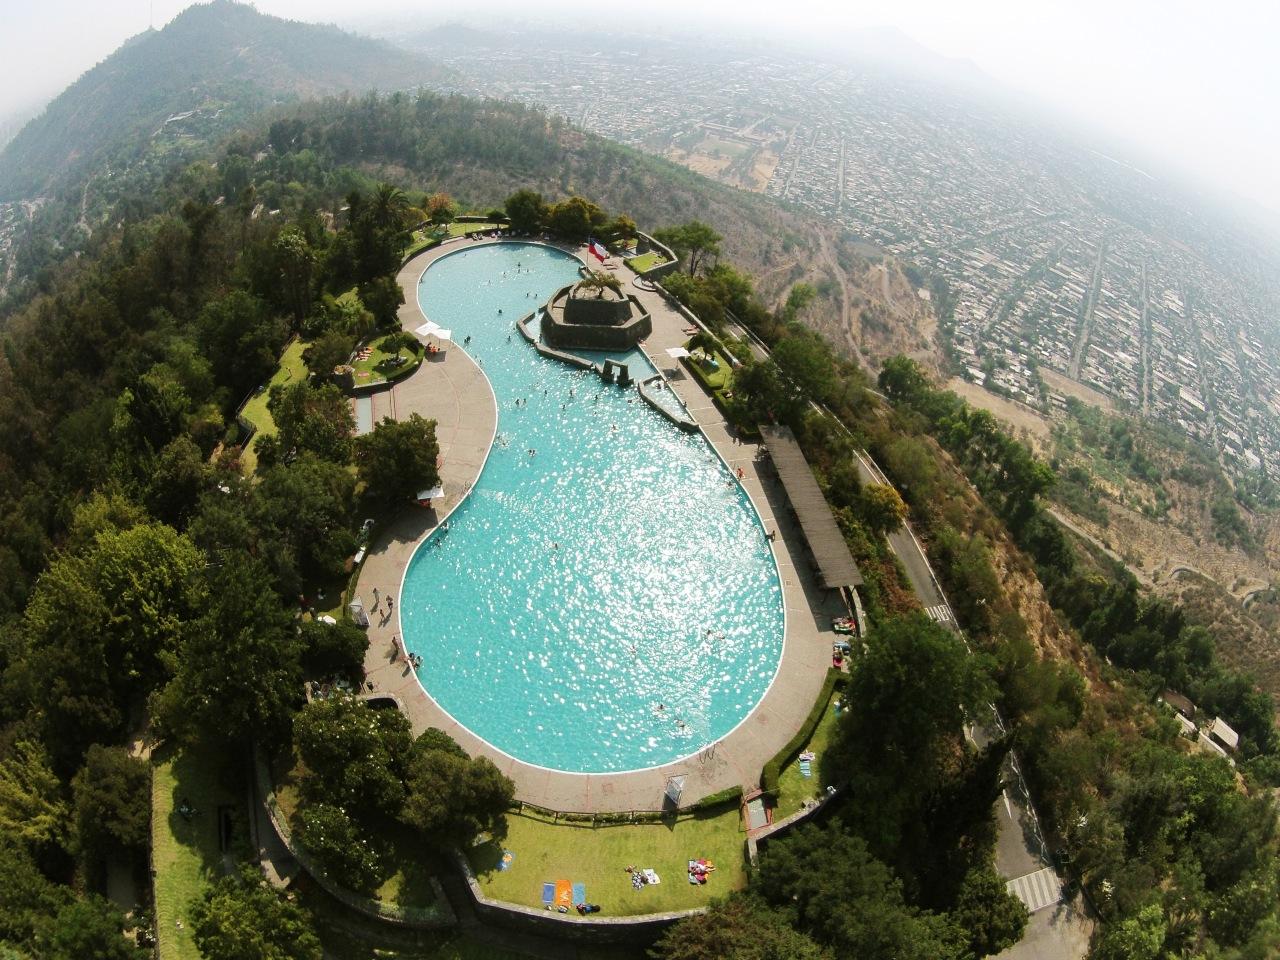 piscina-antilen-del-parque-metropolitano-de-santiago-foto-por-plataforma-urbana.jpg